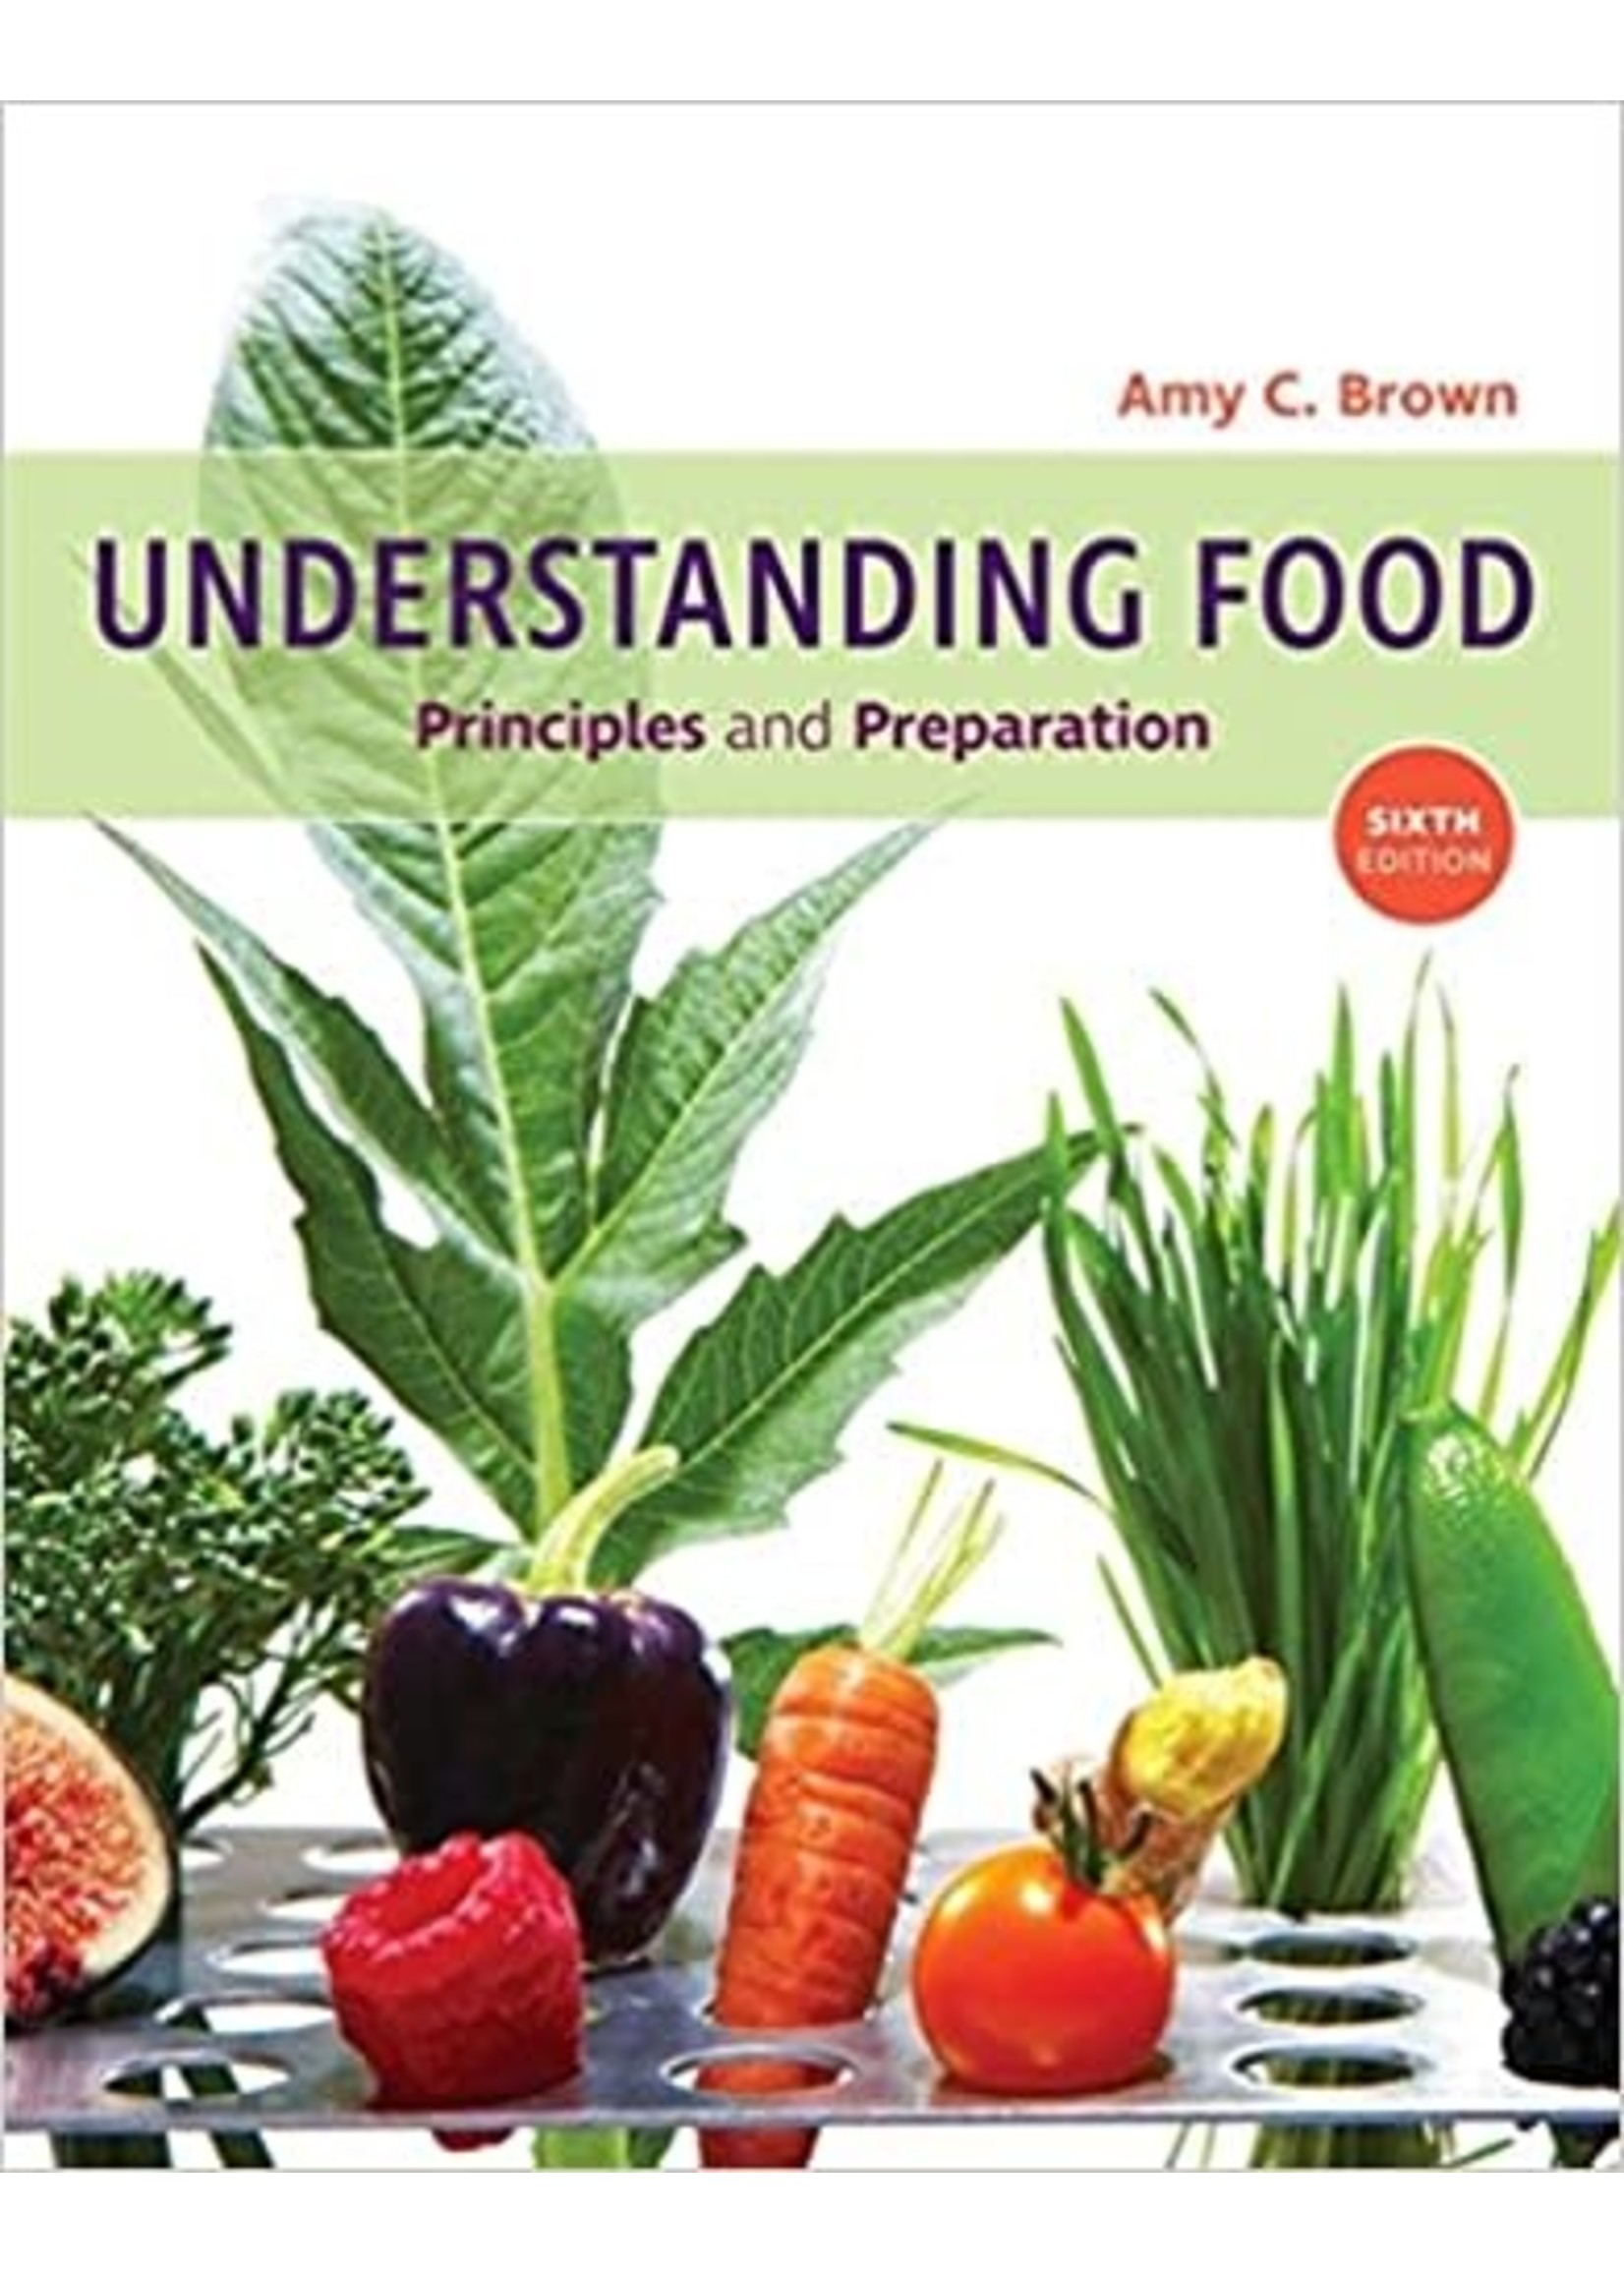 FCS170 UNDERSTANDING FOOD